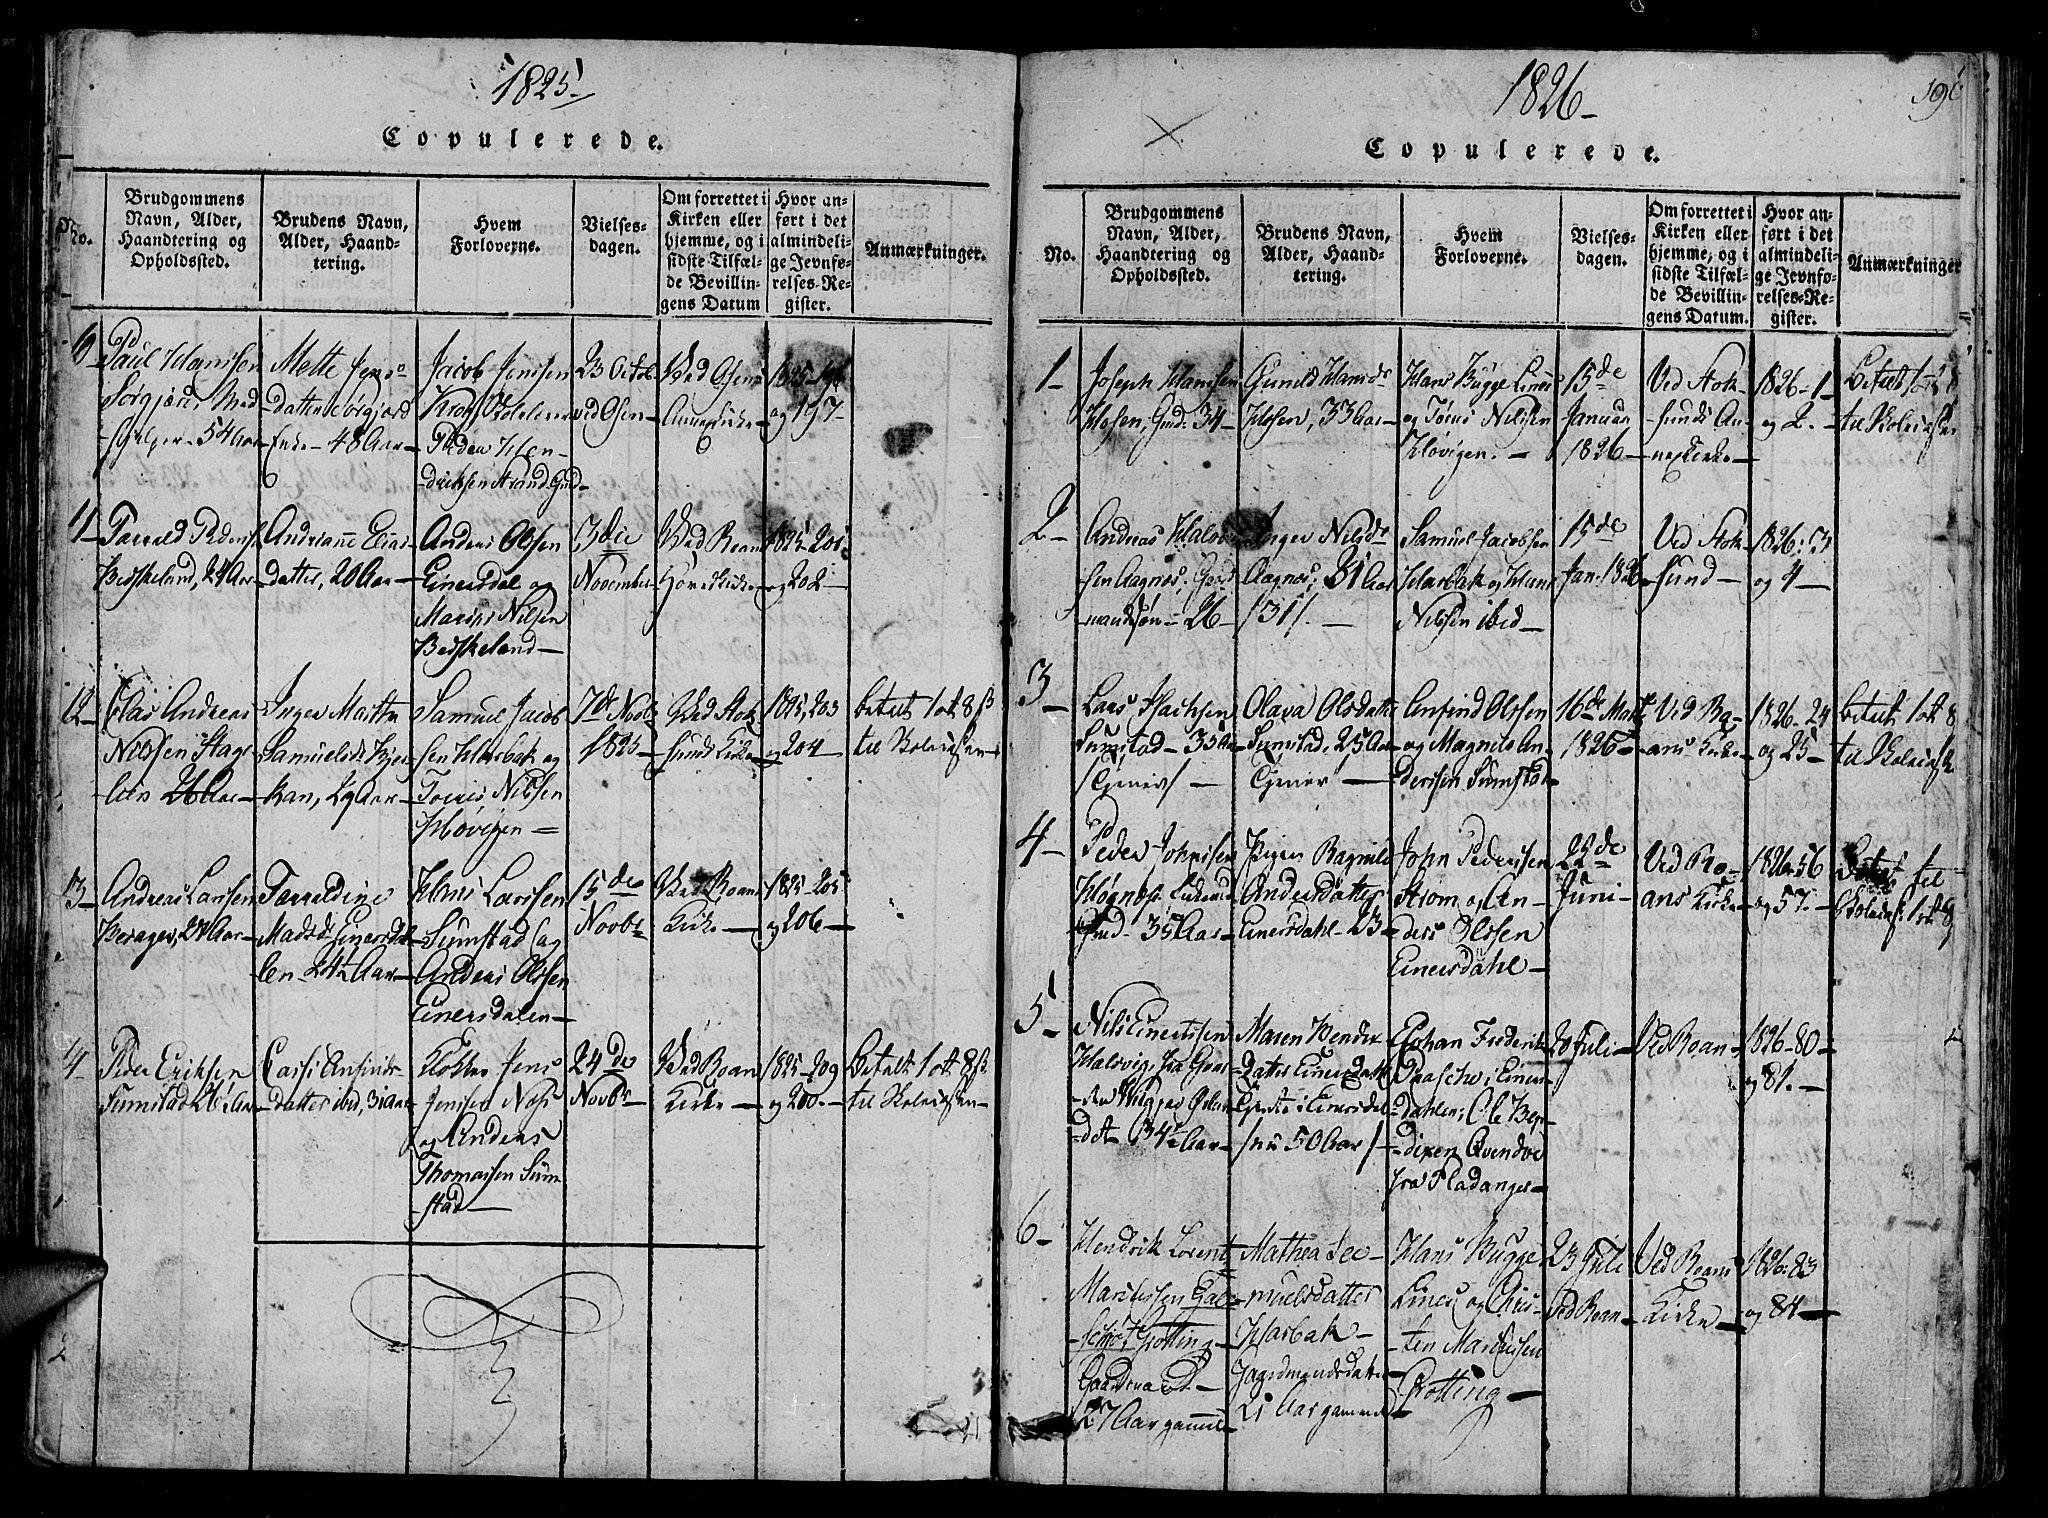 SAT, Ministerialprotokoller, klokkerbøker og fødselsregistre - Sør-Trøndelag, 657/L0702: Ministerialbok nr. 657A03, 1818-1831, s. 190